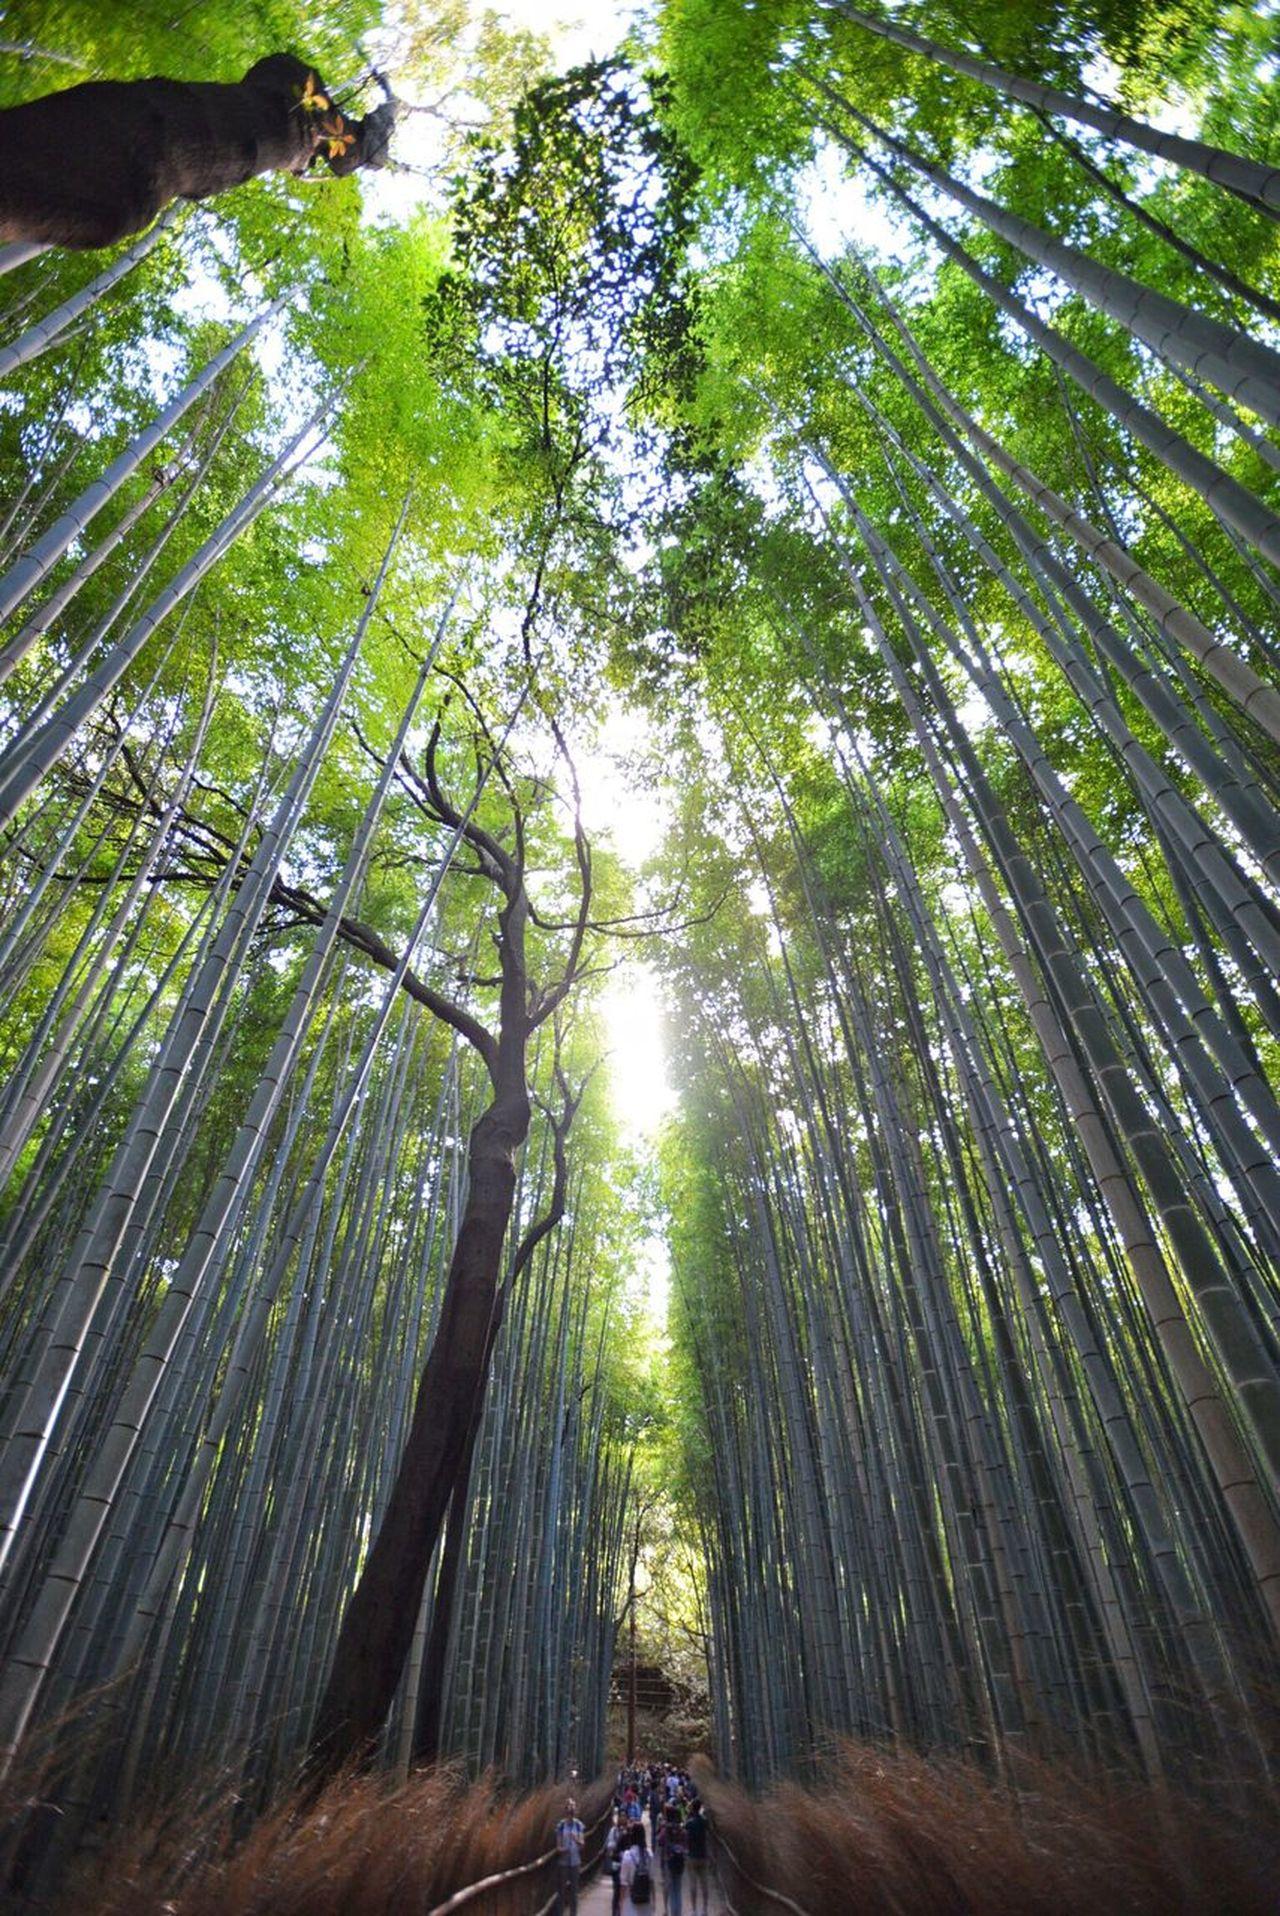 Beauty In Nature Tree Photos Photo Kyoto,japan Eyeem Photography Eyeemphotography Kyoto, Japan D600 Nikon D600 Nikon Happy Hour Kyoto Kyouto Tree